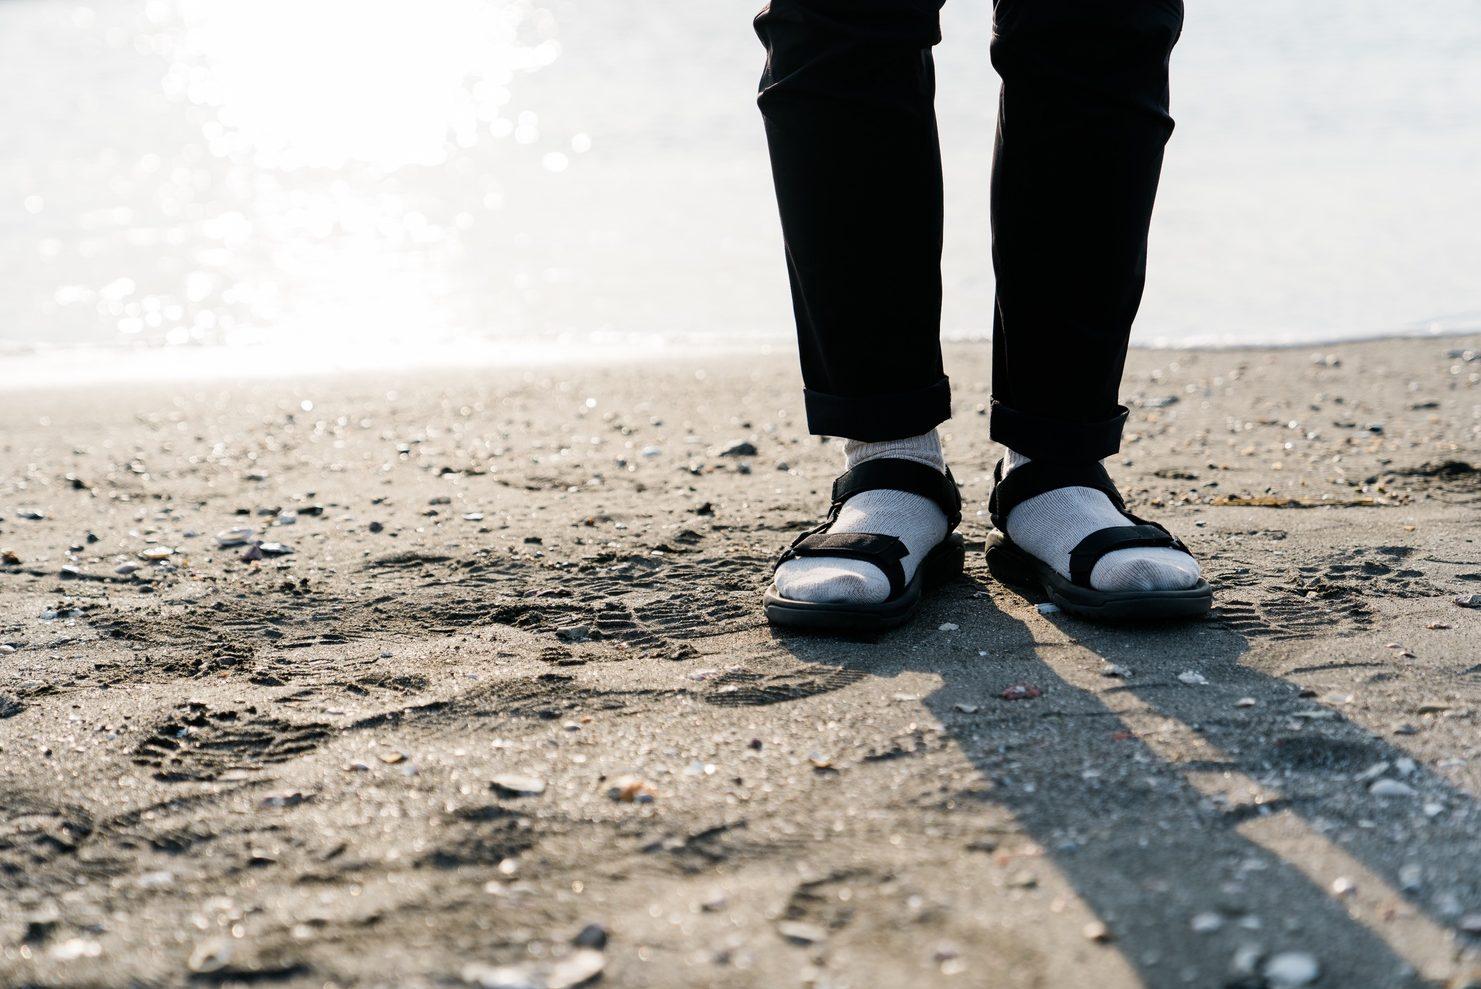 サンダル靴下って女性ウケ悪いみたいな噂聞くけどどうなんだろう(笑)